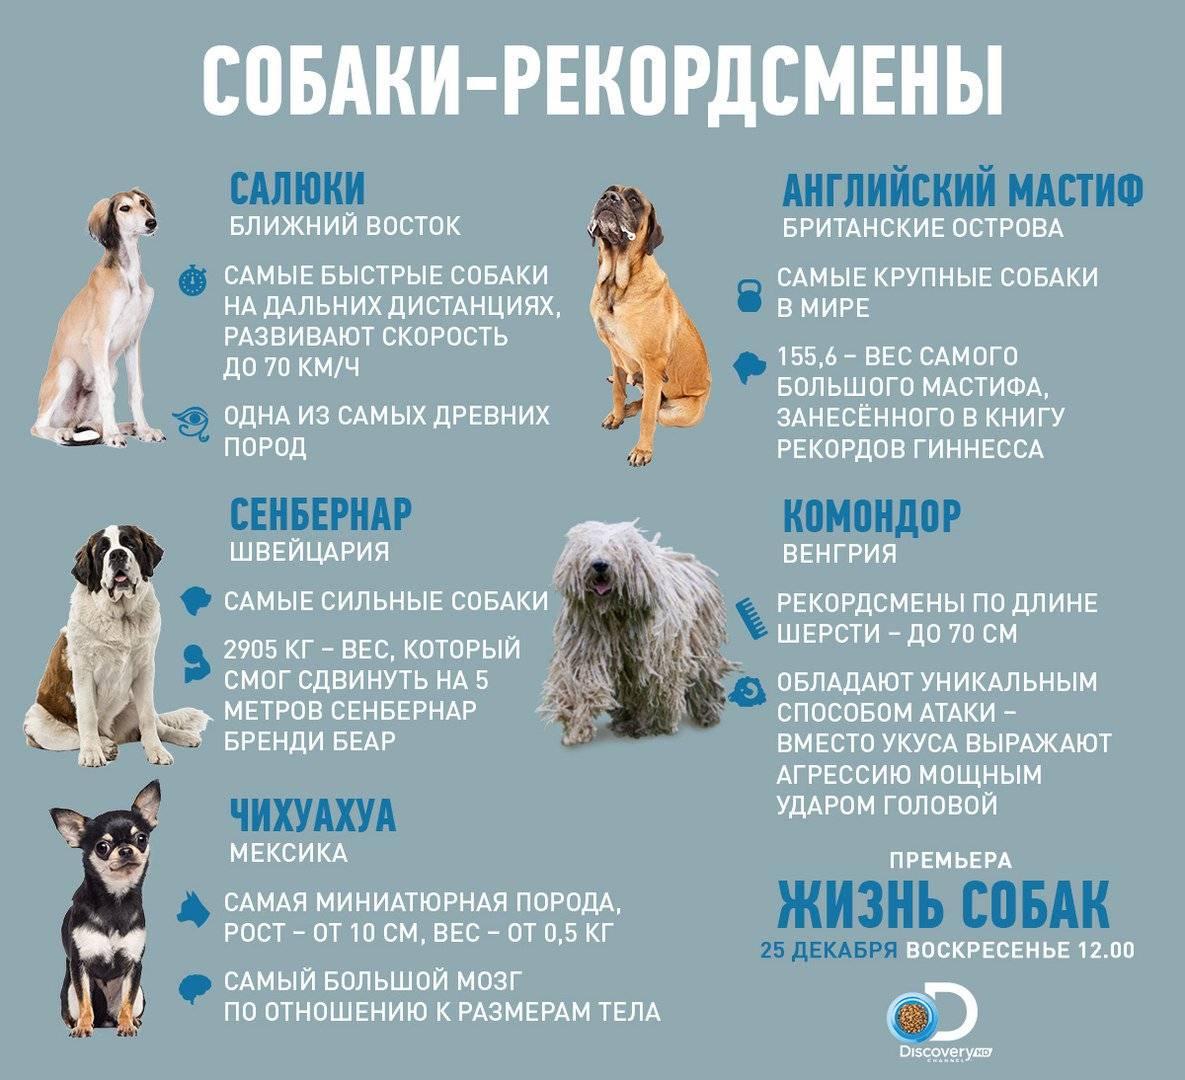 Сколько живут дворняги? продолжительность жизни собак в домашних условиях. сколько лет дворняги живут на цепи?